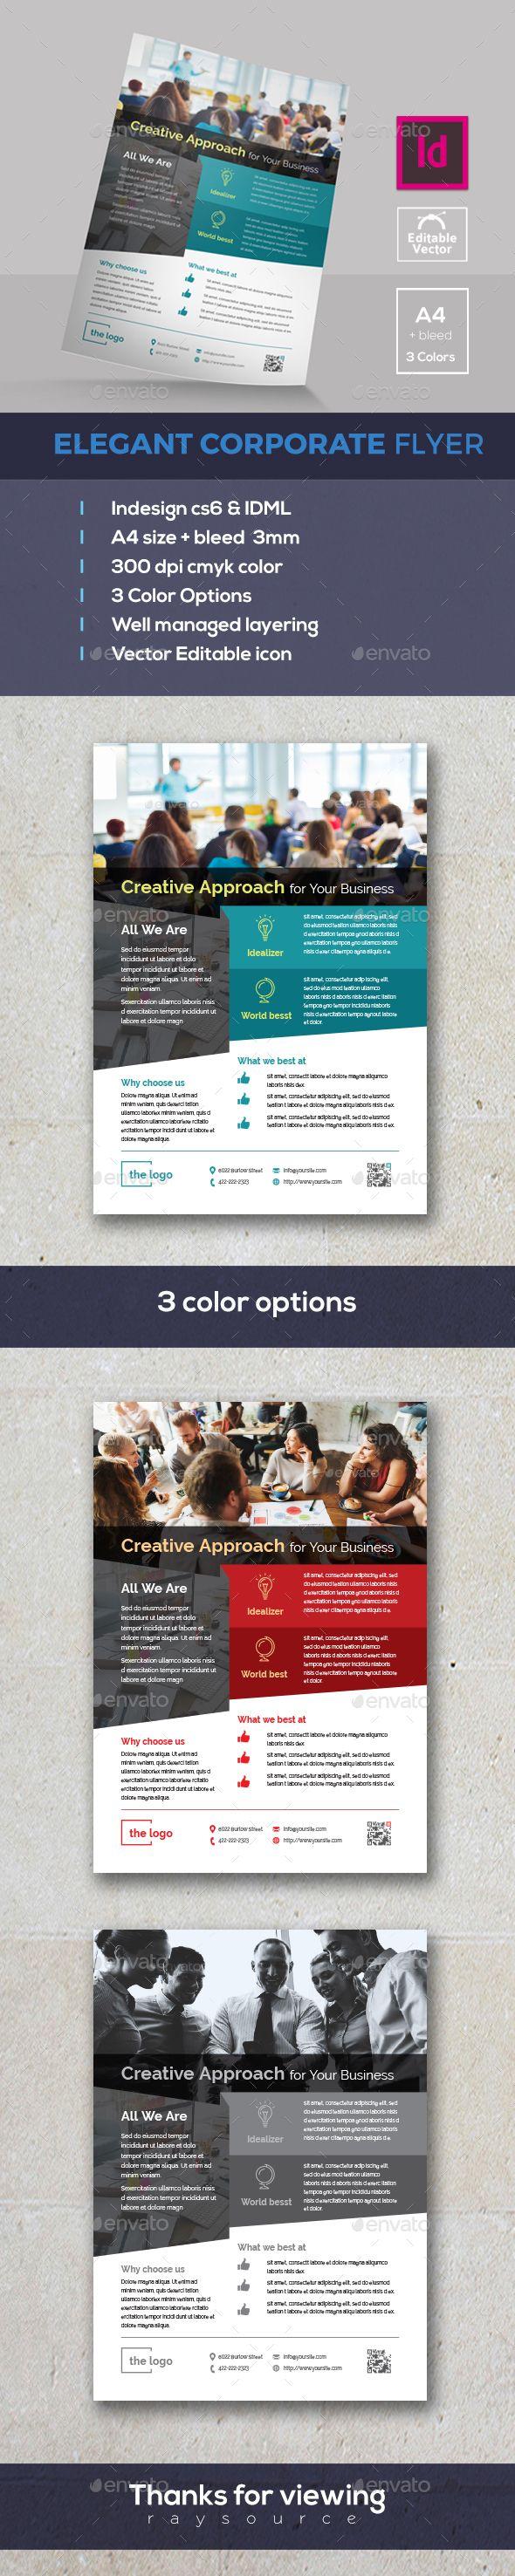 Elegant Indesign Flyer — InDesign INDD #grey #idml • Available here → https://graphicriver.net/item/elegant-indesign-flyer/19417266?ref=pxcr